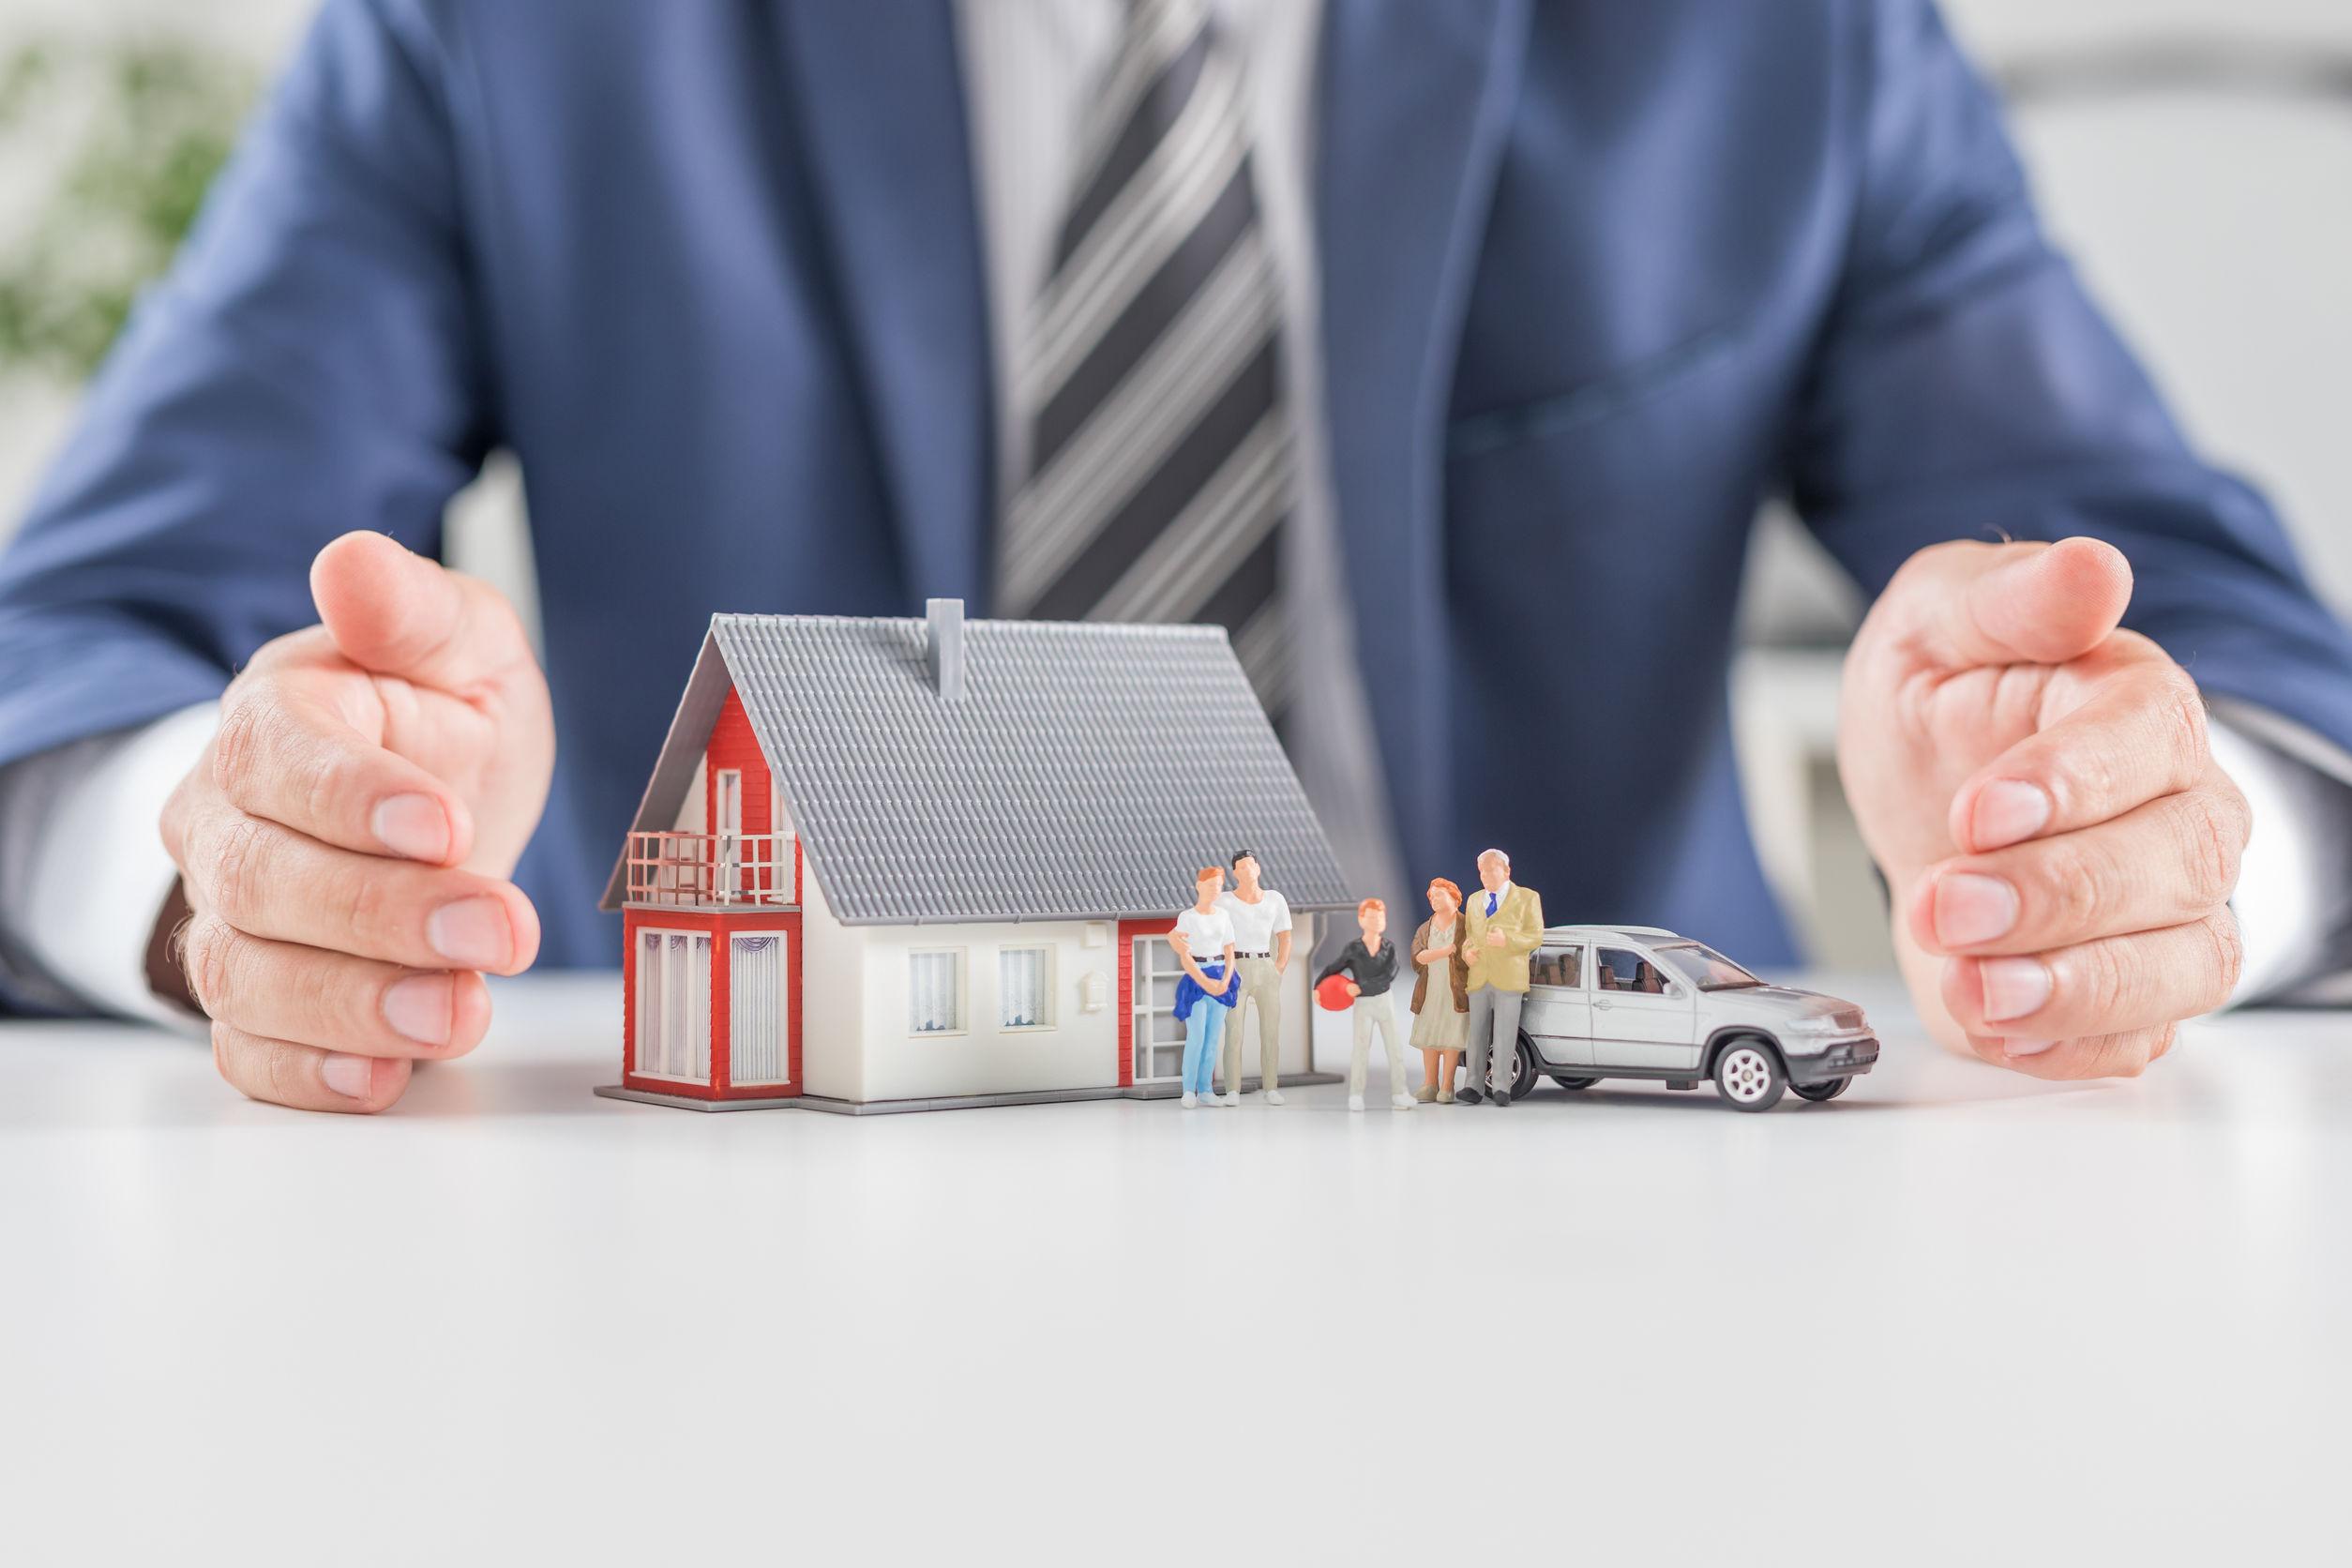 Homem de terno e gravata mostrando maquete de casa, família e carro.